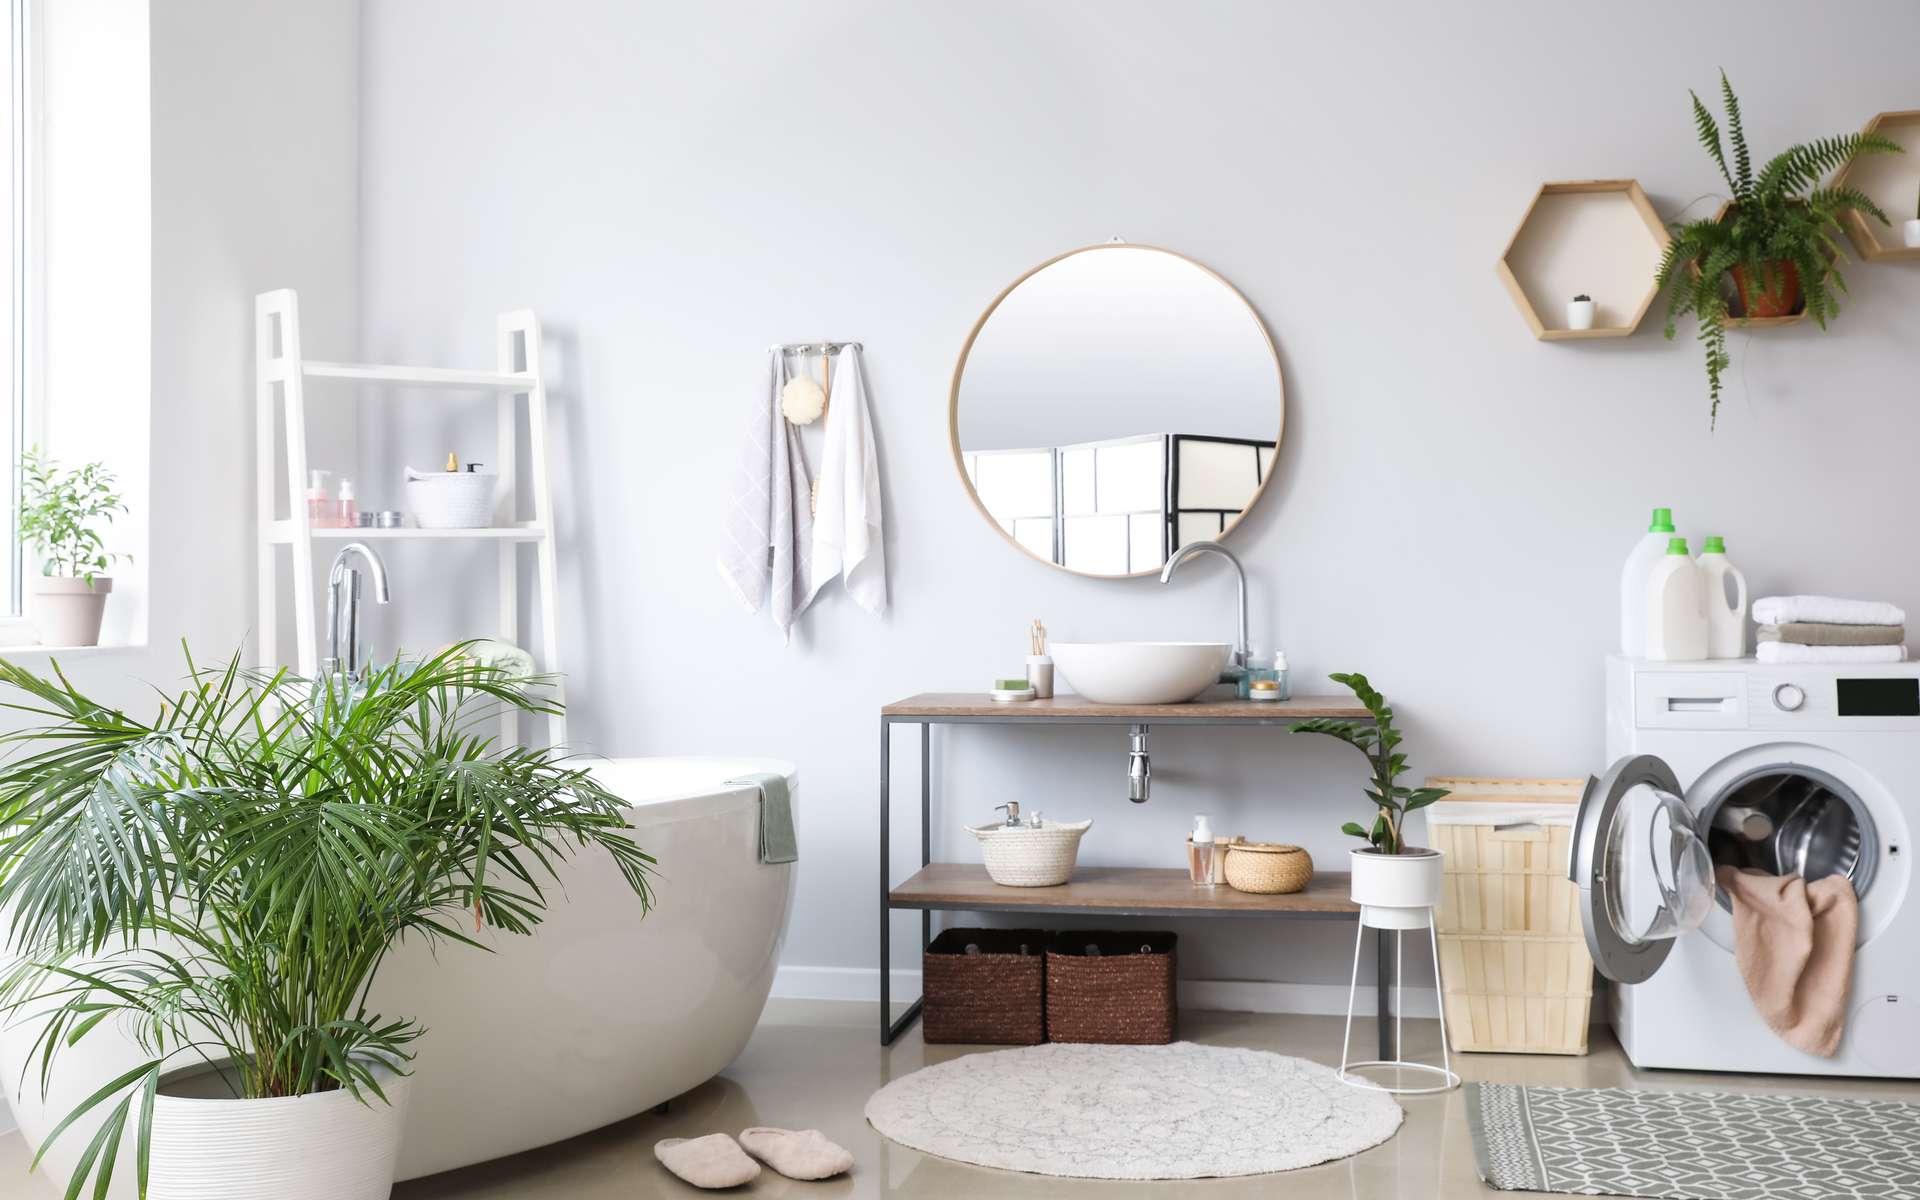 Pièce humide par excellence, la salle de bains met à mal peintures et enduits. La composition de l'enduit « Magic' pièces humides » de Toupret répond à cette problématique. ©Pixel-Shot